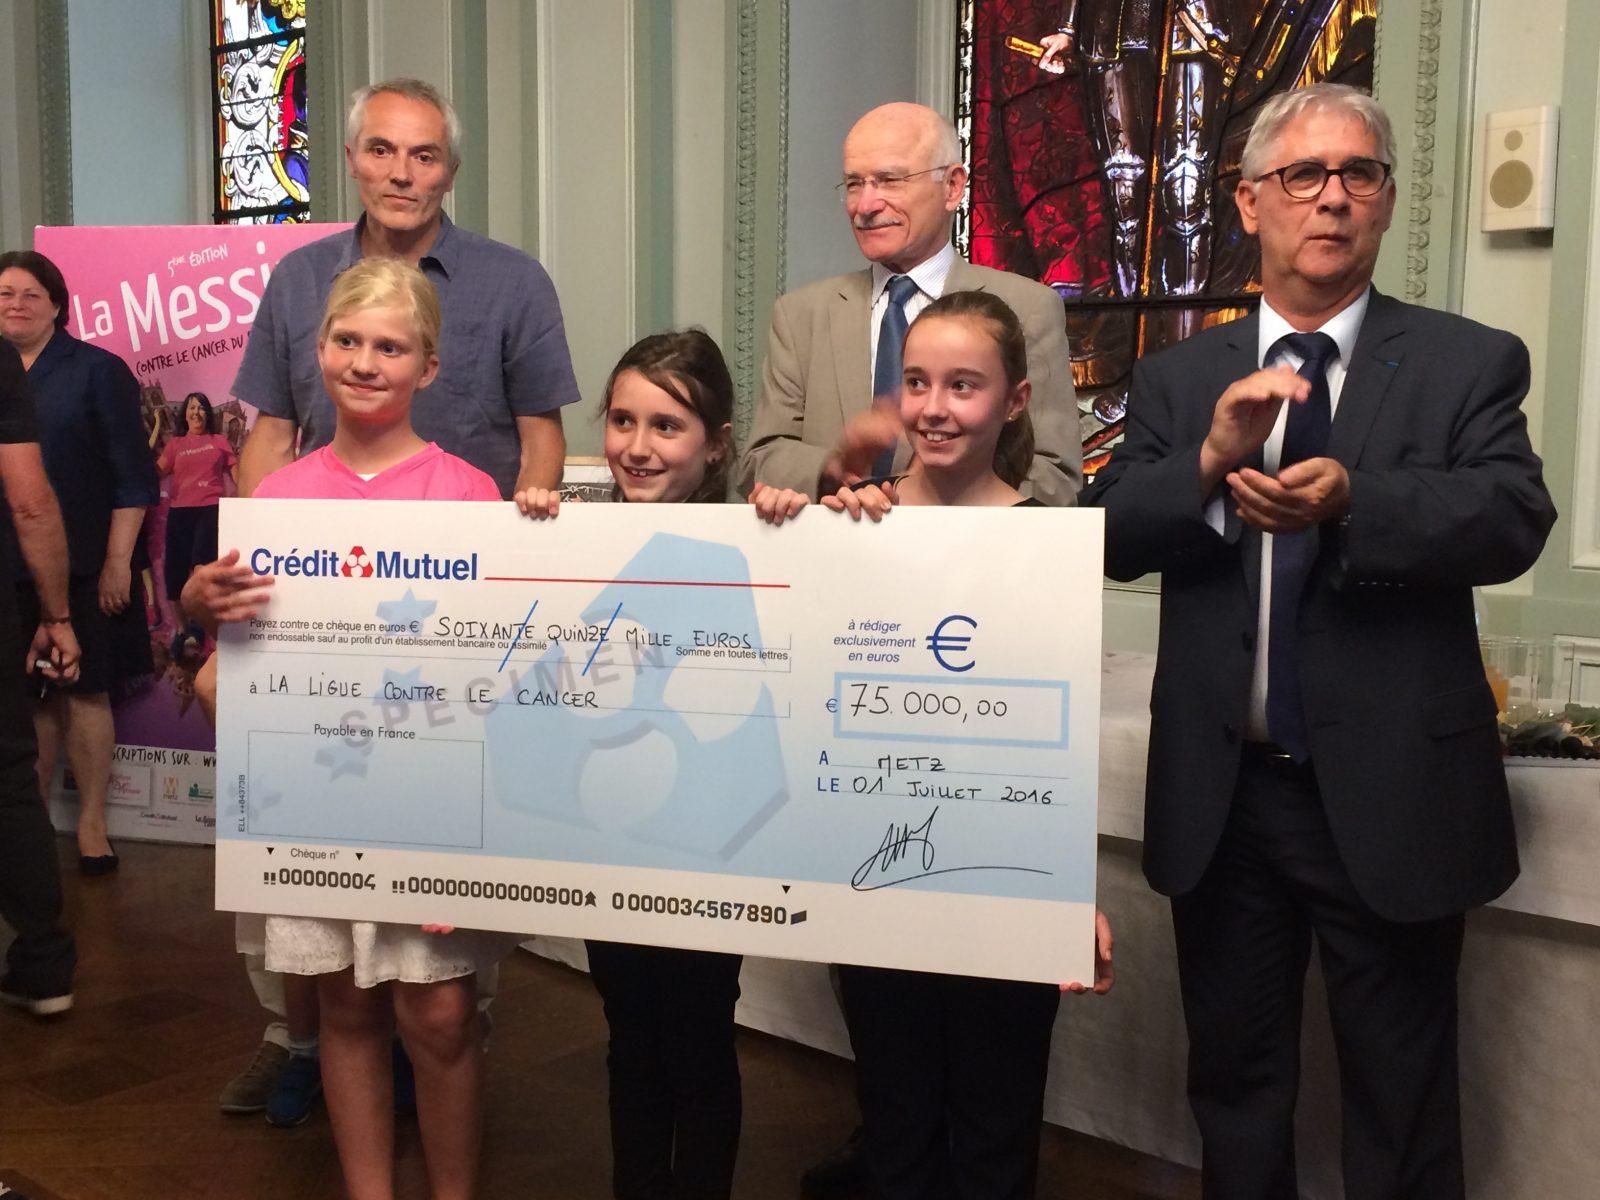 La Messine 2016 rapporte 75 000€ à la Ligue contre le Cancer